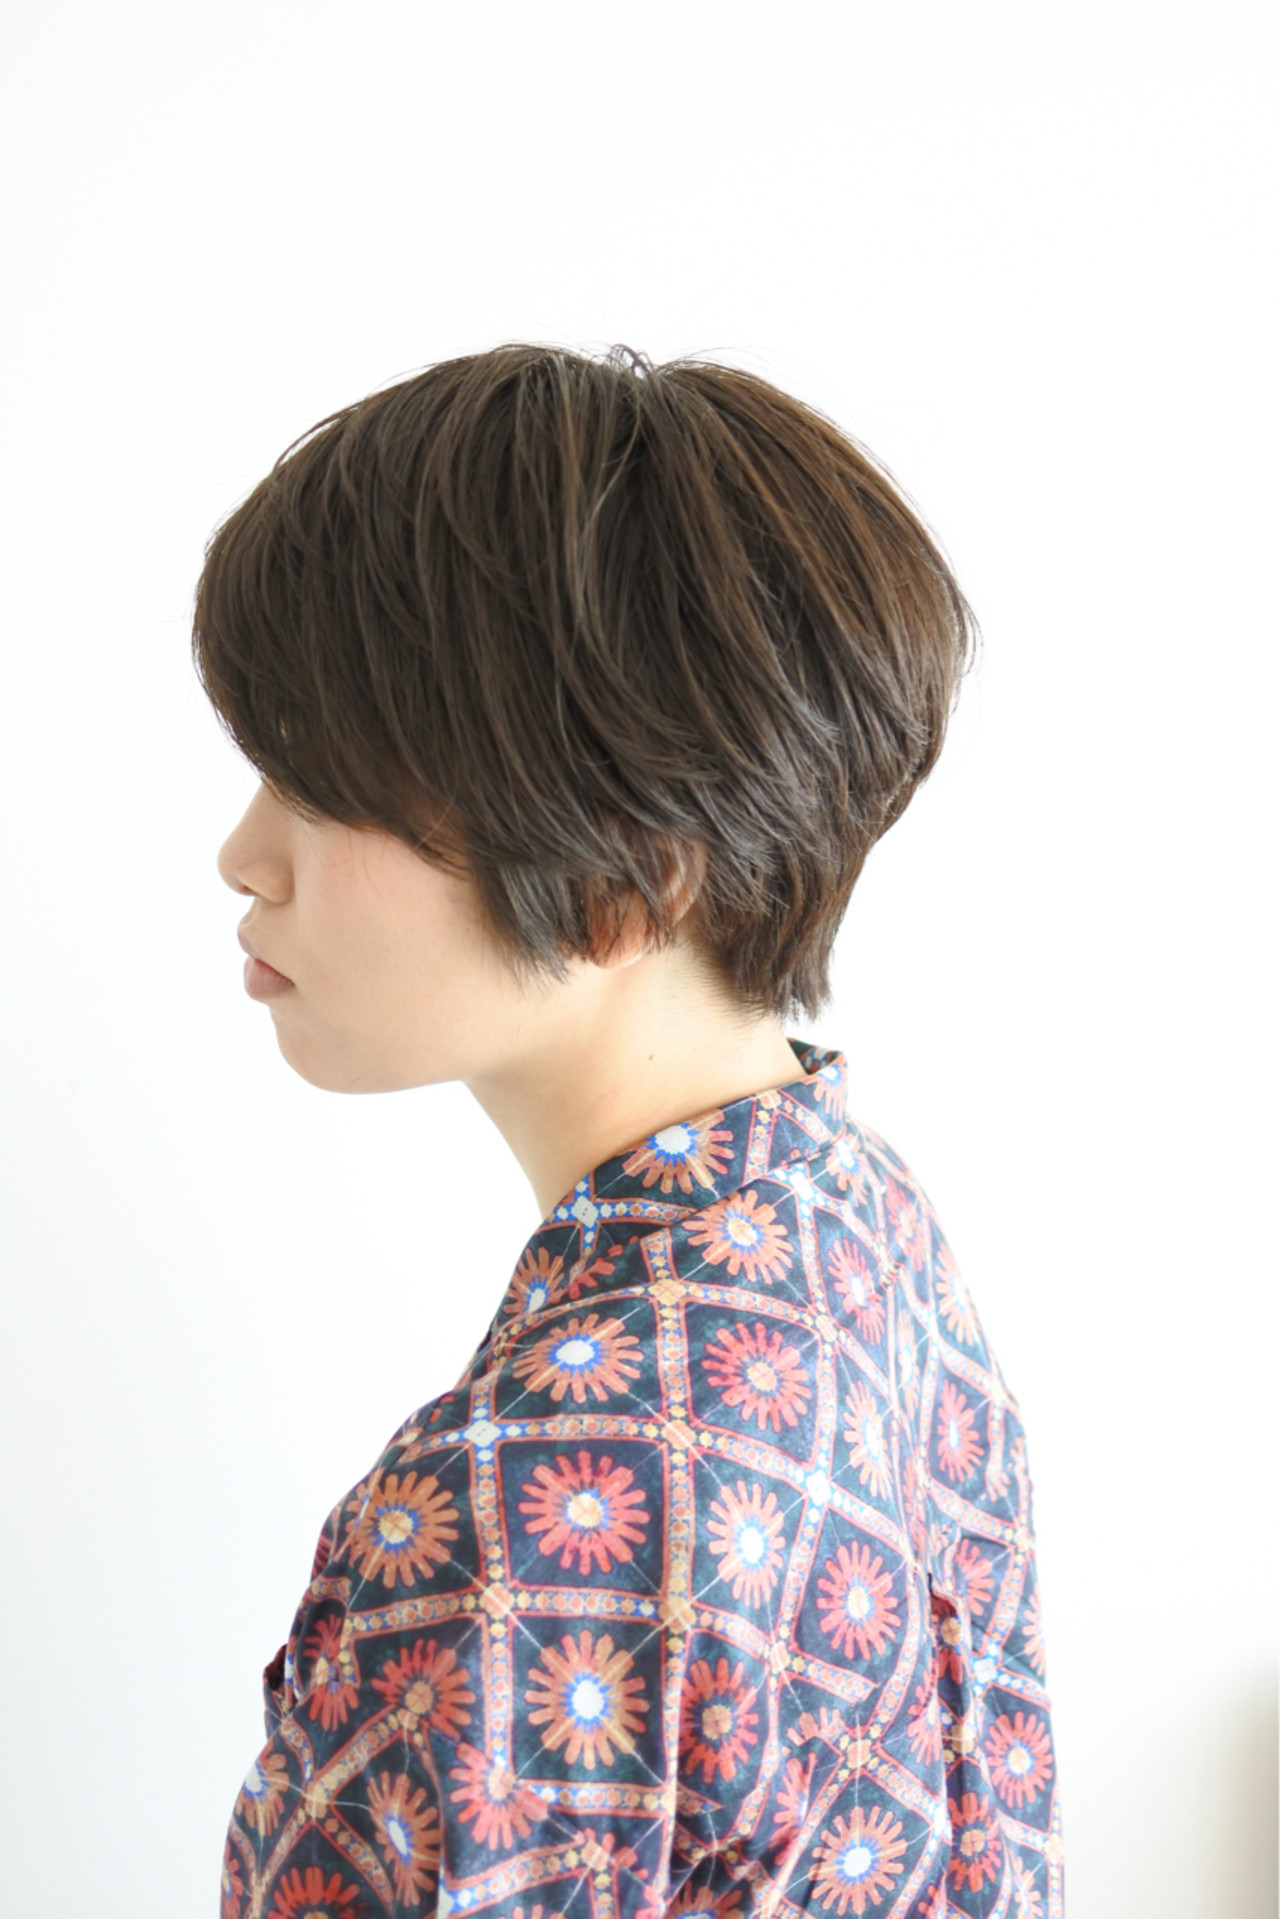 アッシュ グレージュ ナチュラル ショート ヘアスタイルや髪型の写真・画像